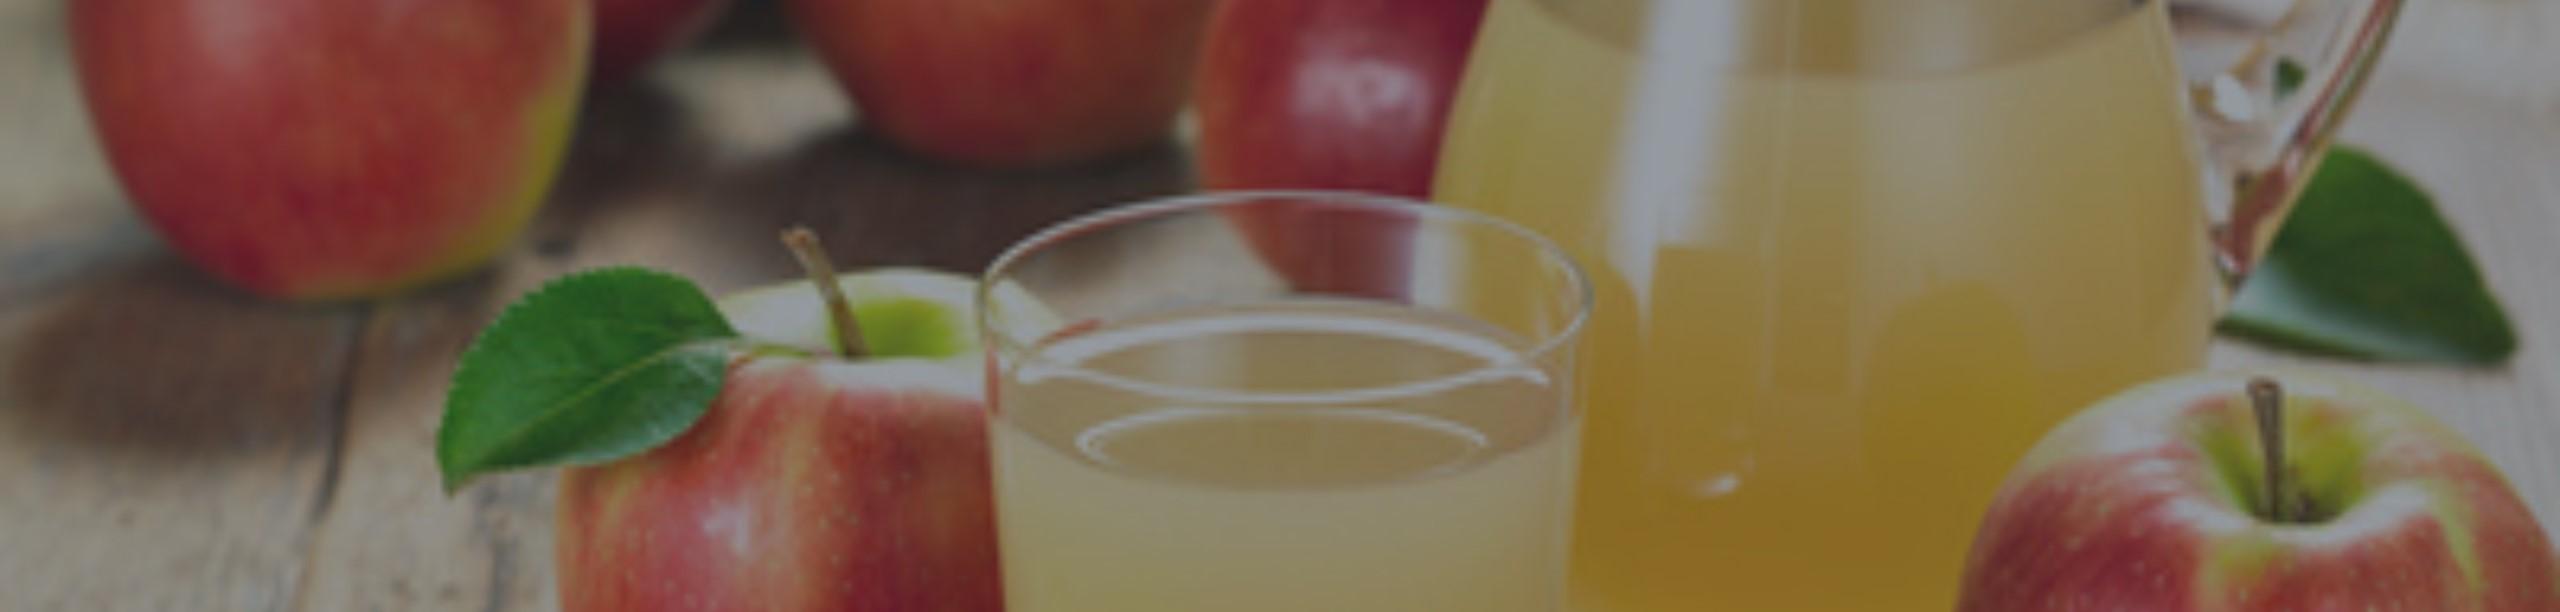 apple juice1-4